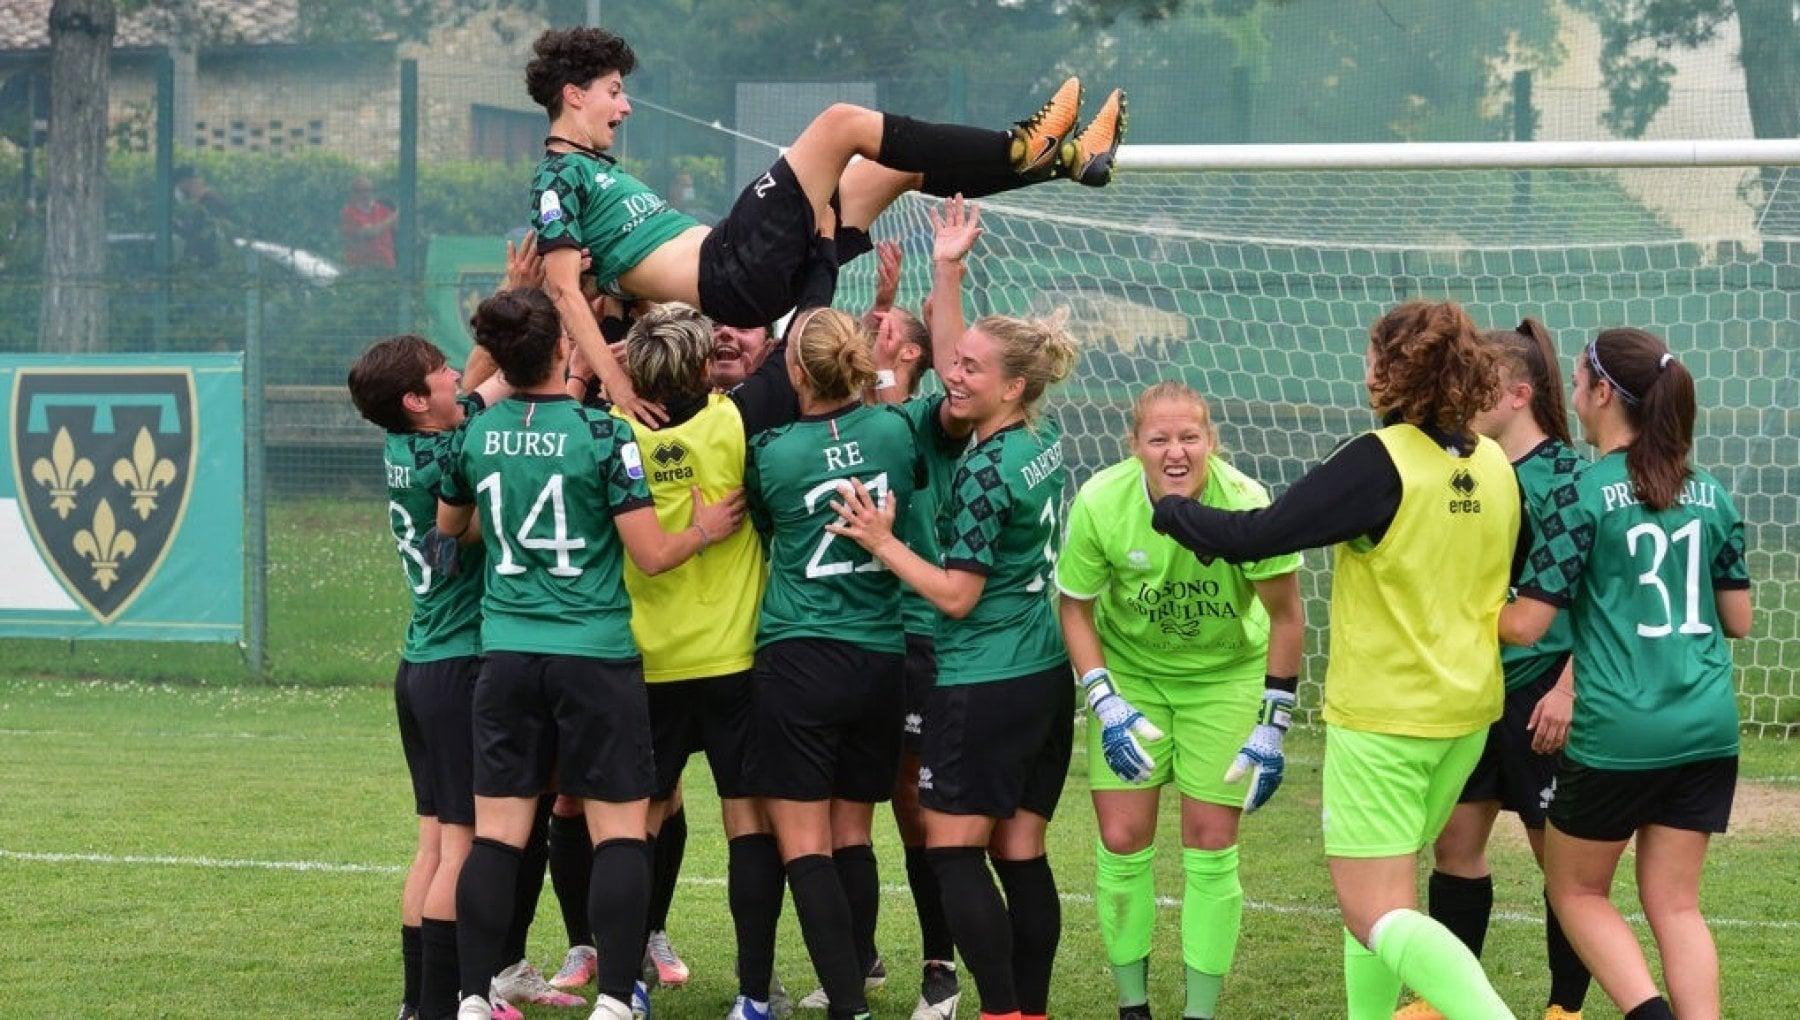 175411823 f360b0f3 83c8 4d7f b275 f11061a9b308 - Calcio femminile, la Sampdoria vuole comprare il titolo sportivo della Florentia, rivolta a San Gimignano